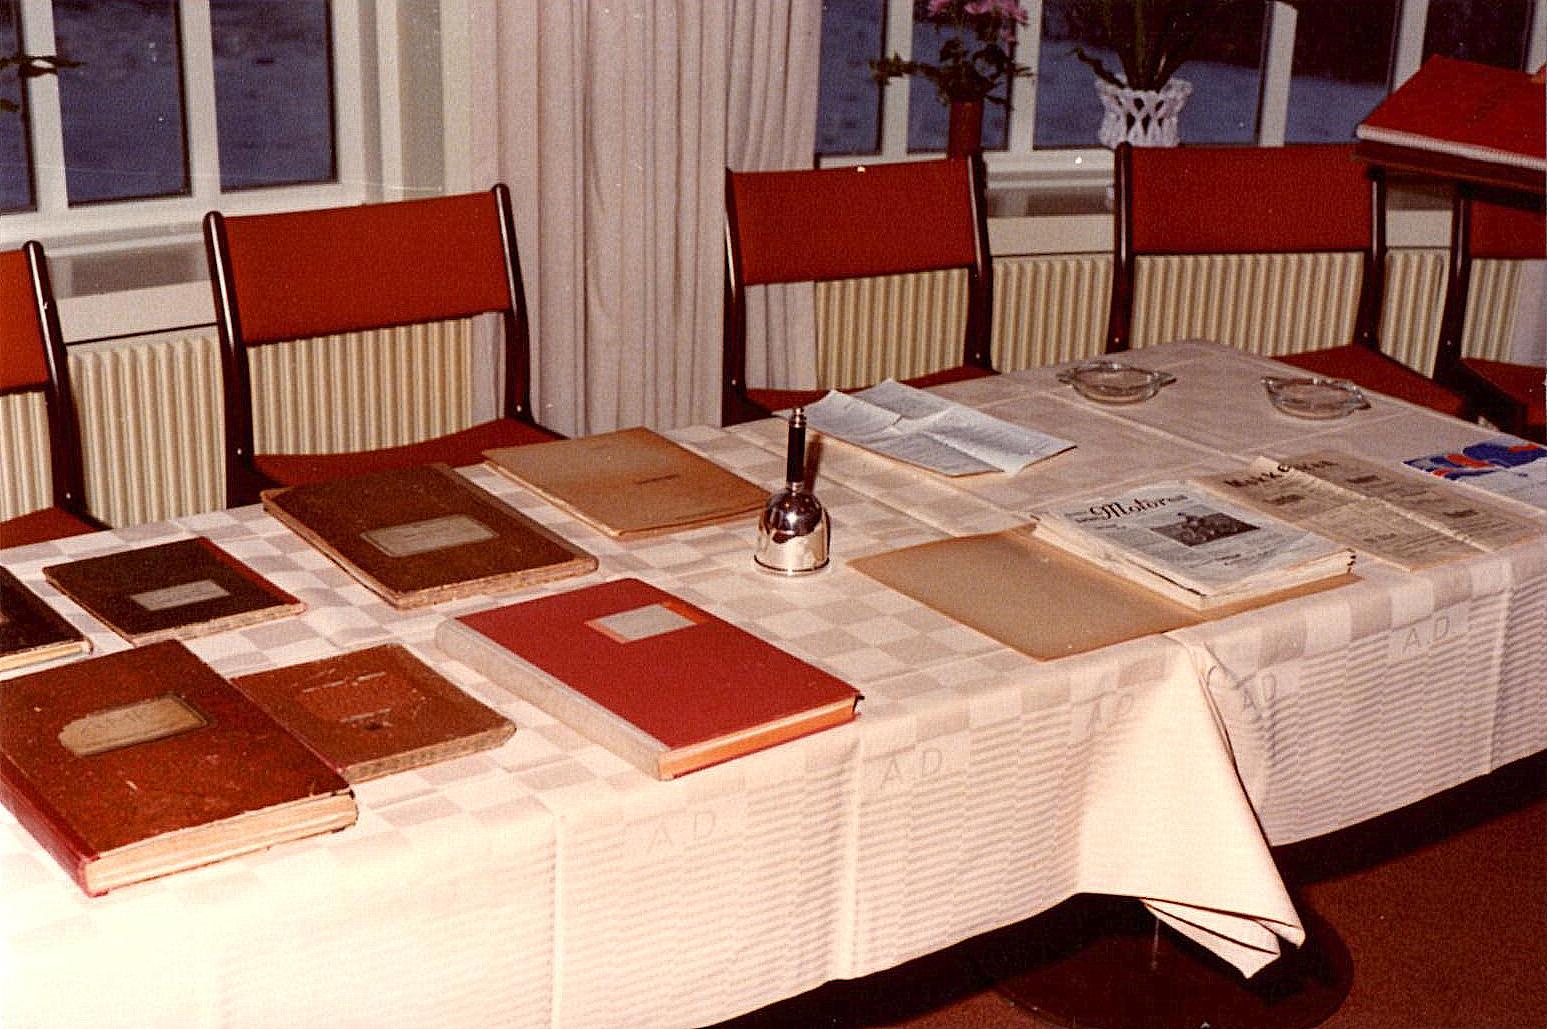 Klubbens forhandlingsbøger, gamle klubblade mm var lagt frem. Midt på bordet ses også dirigentklokken, som blev skænket af Poul Sørensen ved klubbens 25 års Jubilæum.